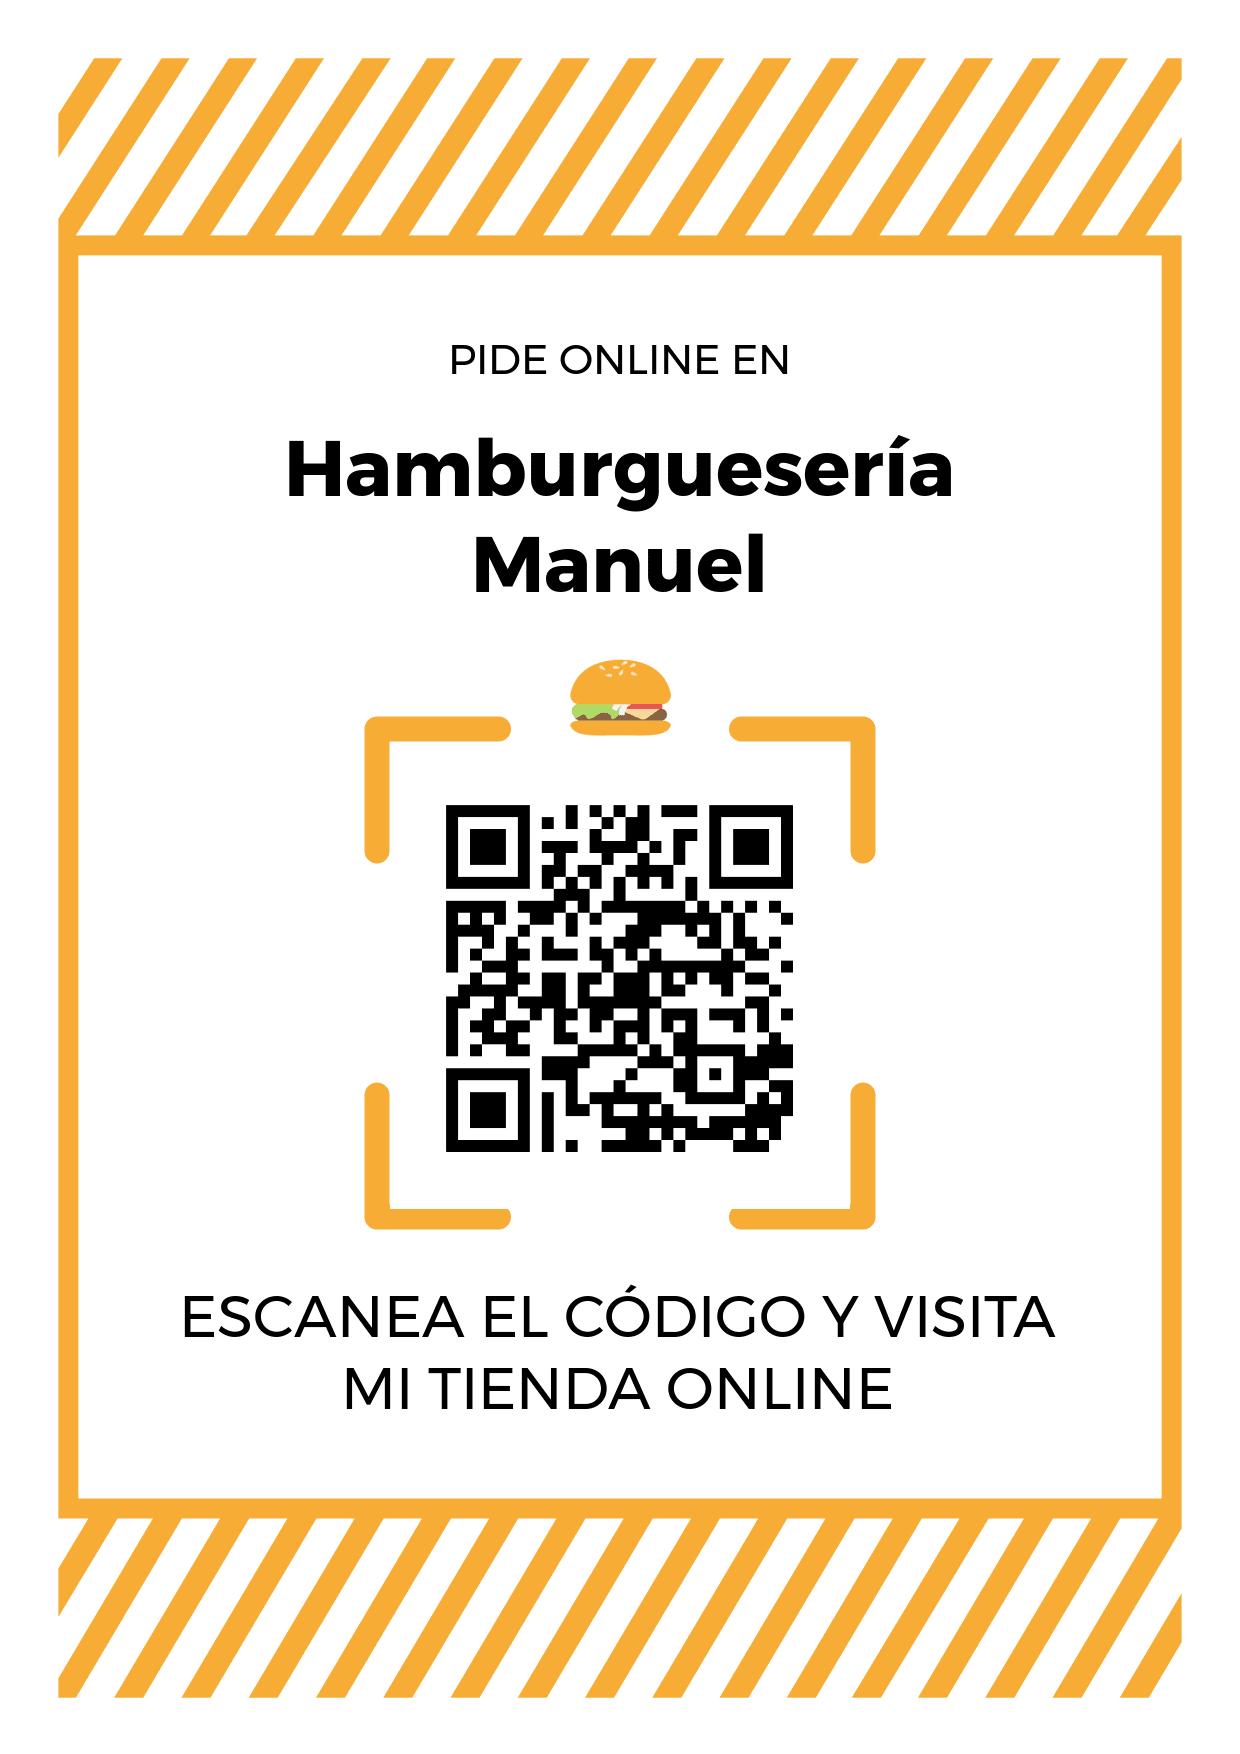 Cartel Póster de Código QR para tienda de Hamburguesería